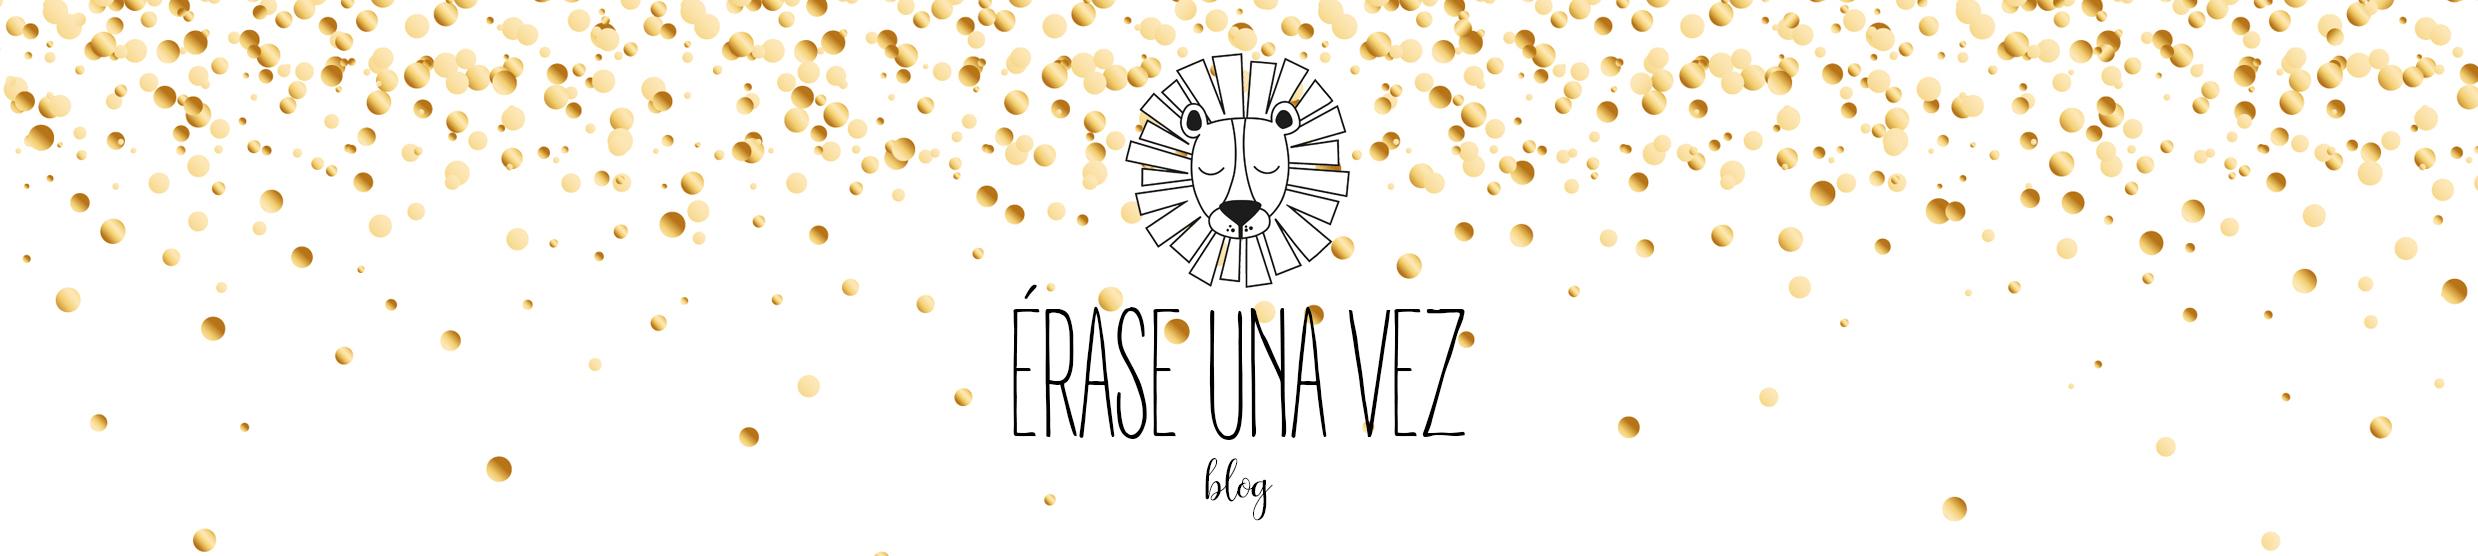 Blog Érase una vez